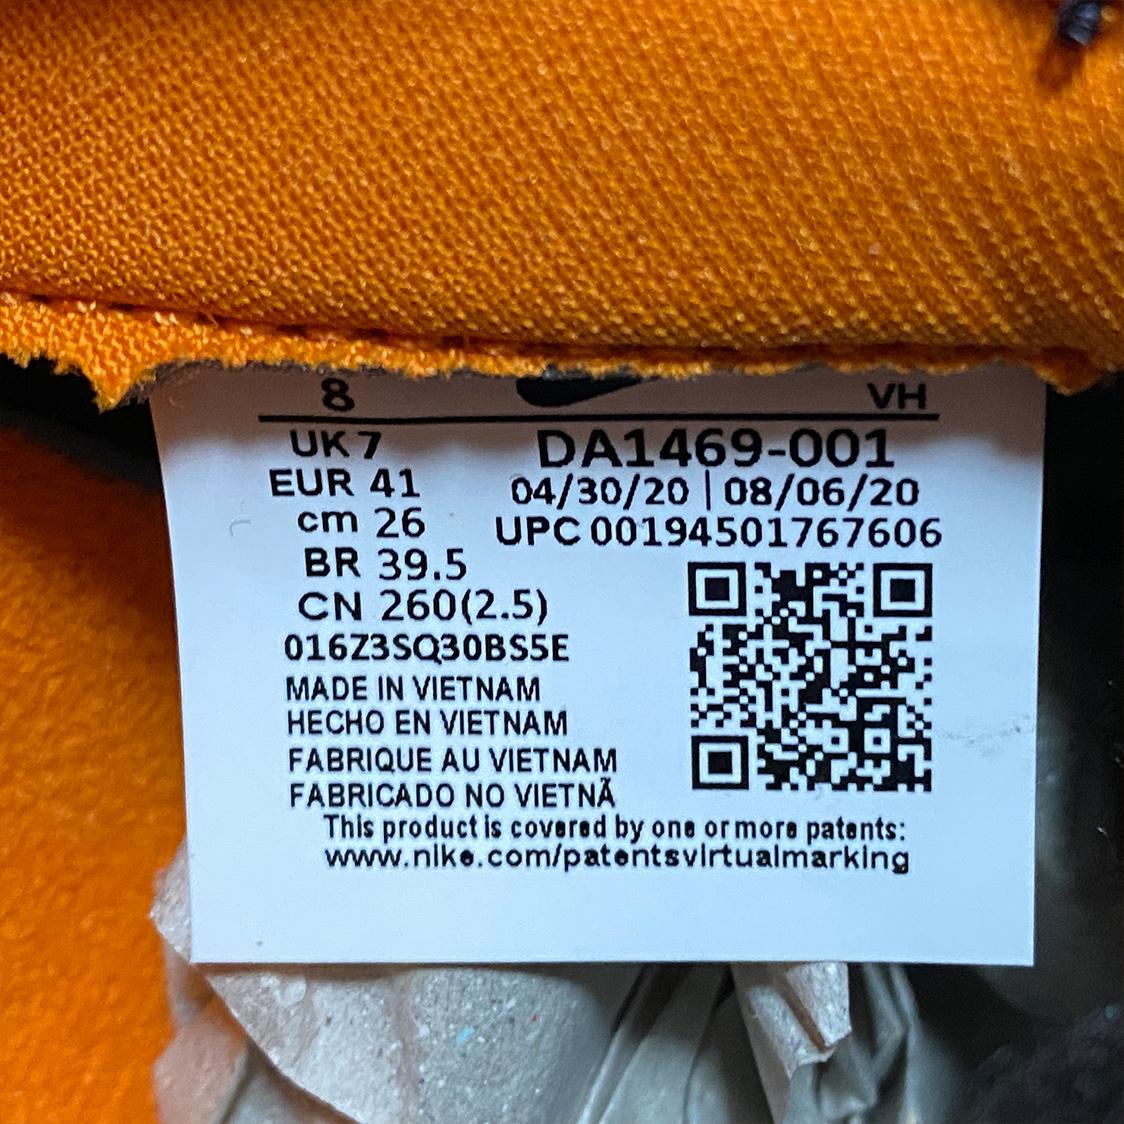 新品 NIKE ナイキ 【26cm/US8】 DUNK LOW SP CERAMIC/UGRYDUCKLINPACK ダンク ロー SP セラミック/アグリーダックリングパック